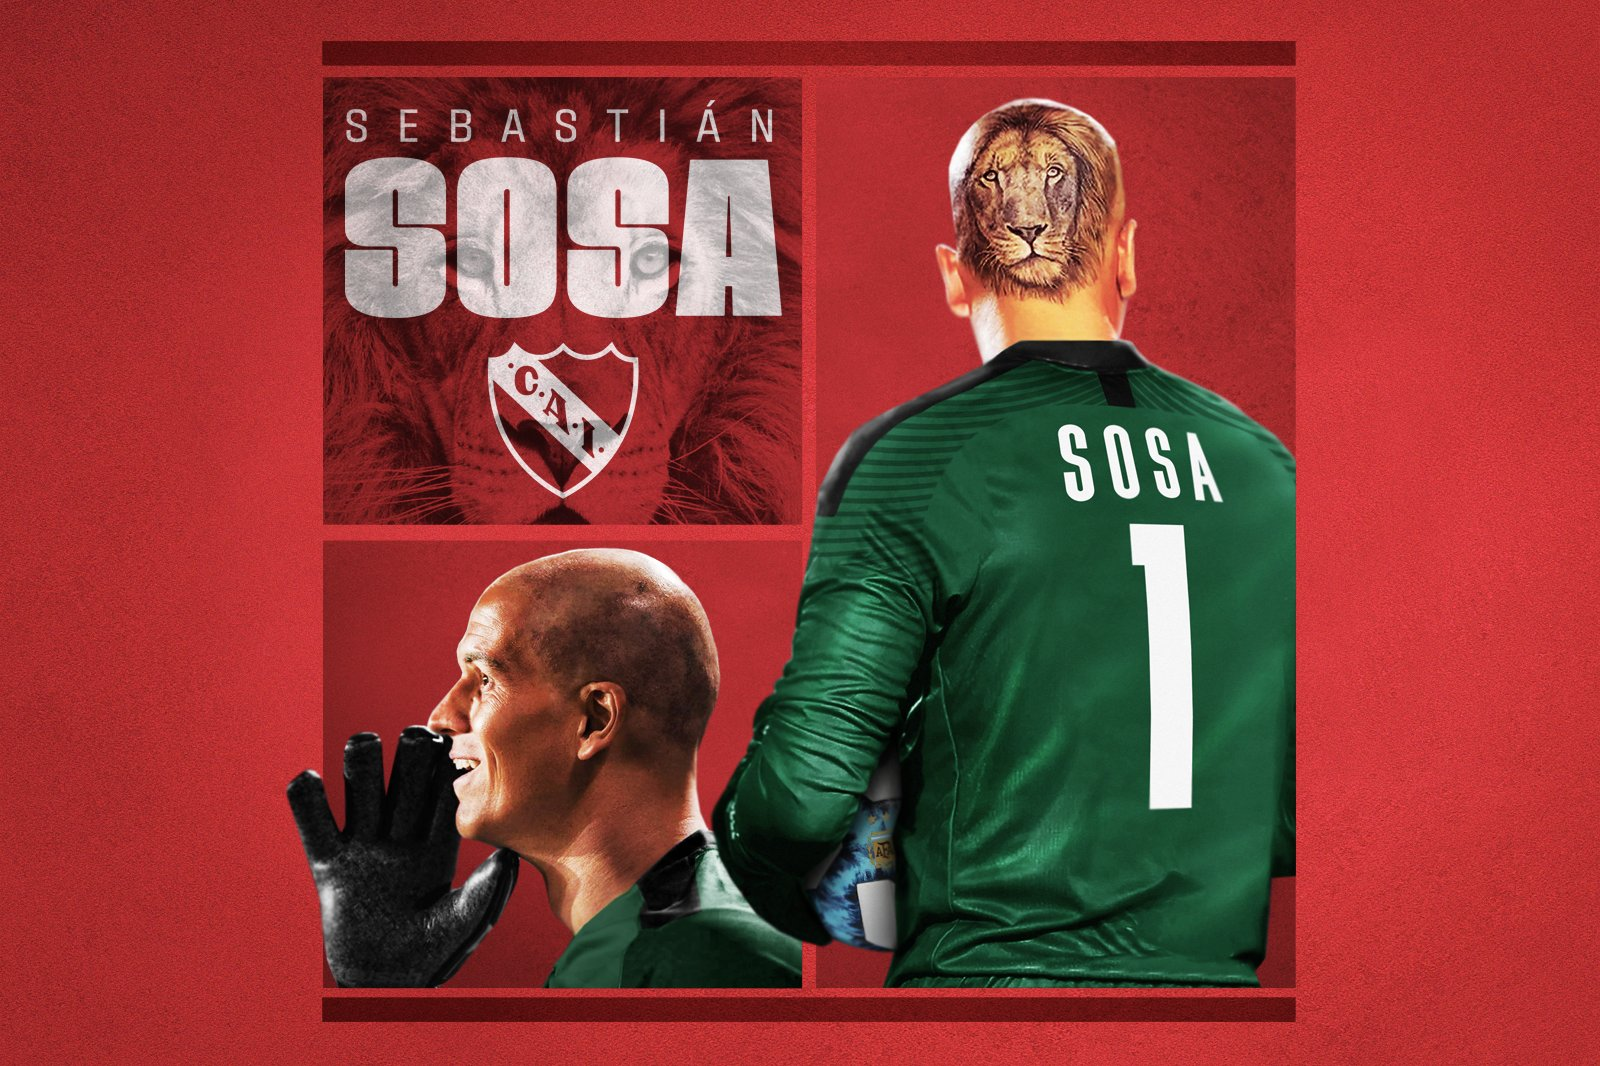 El emotivo video con el que Independiente presentó a Sebastián Sosa - LocoXelRojo.com   Club Atlético Independiente